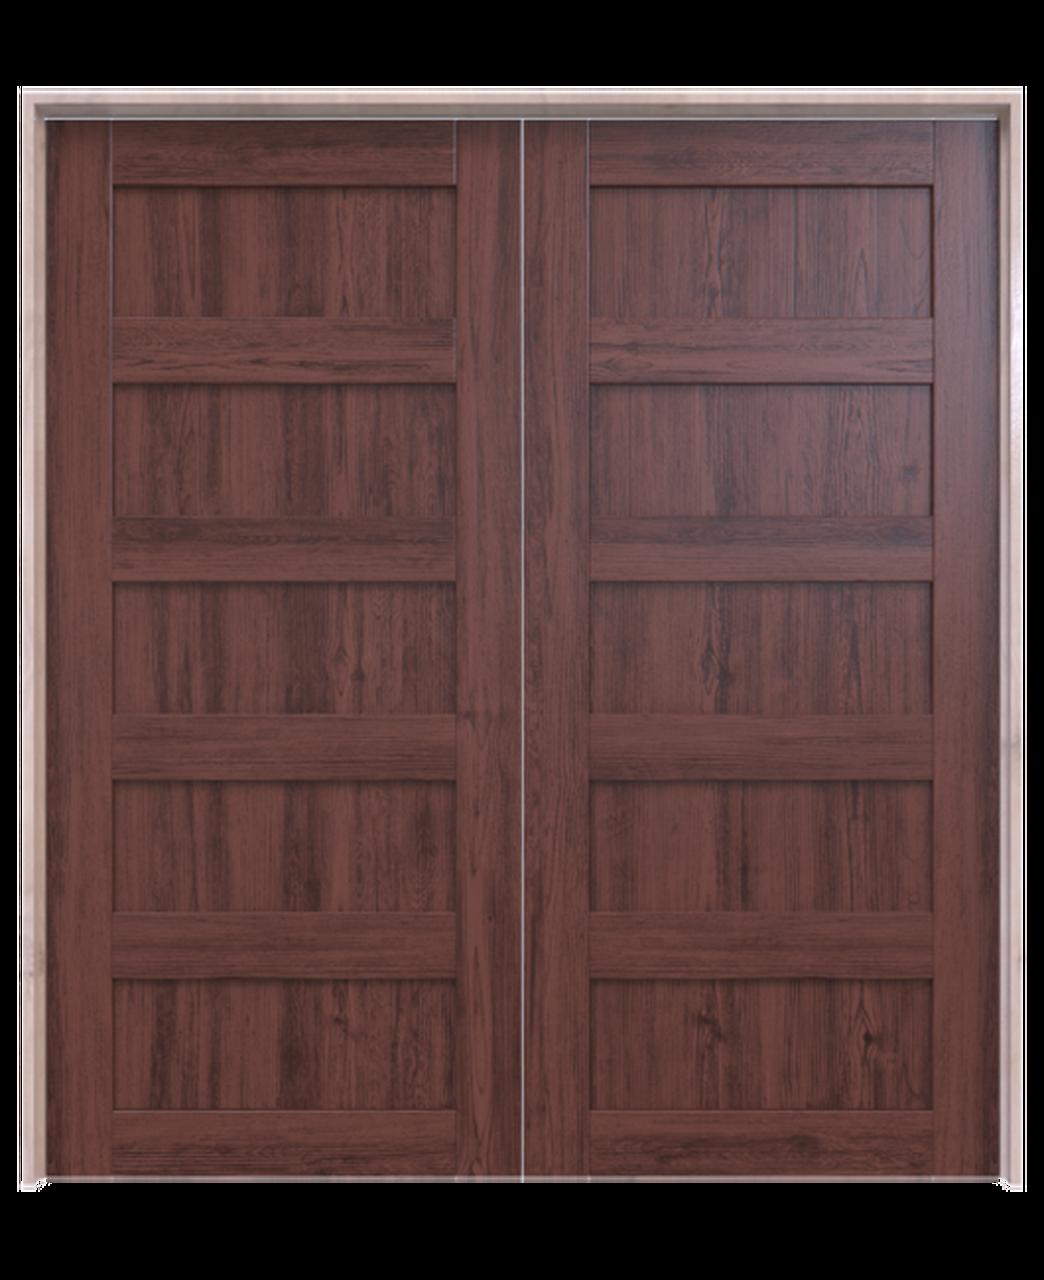 dark stained wood 5 panel double barn door